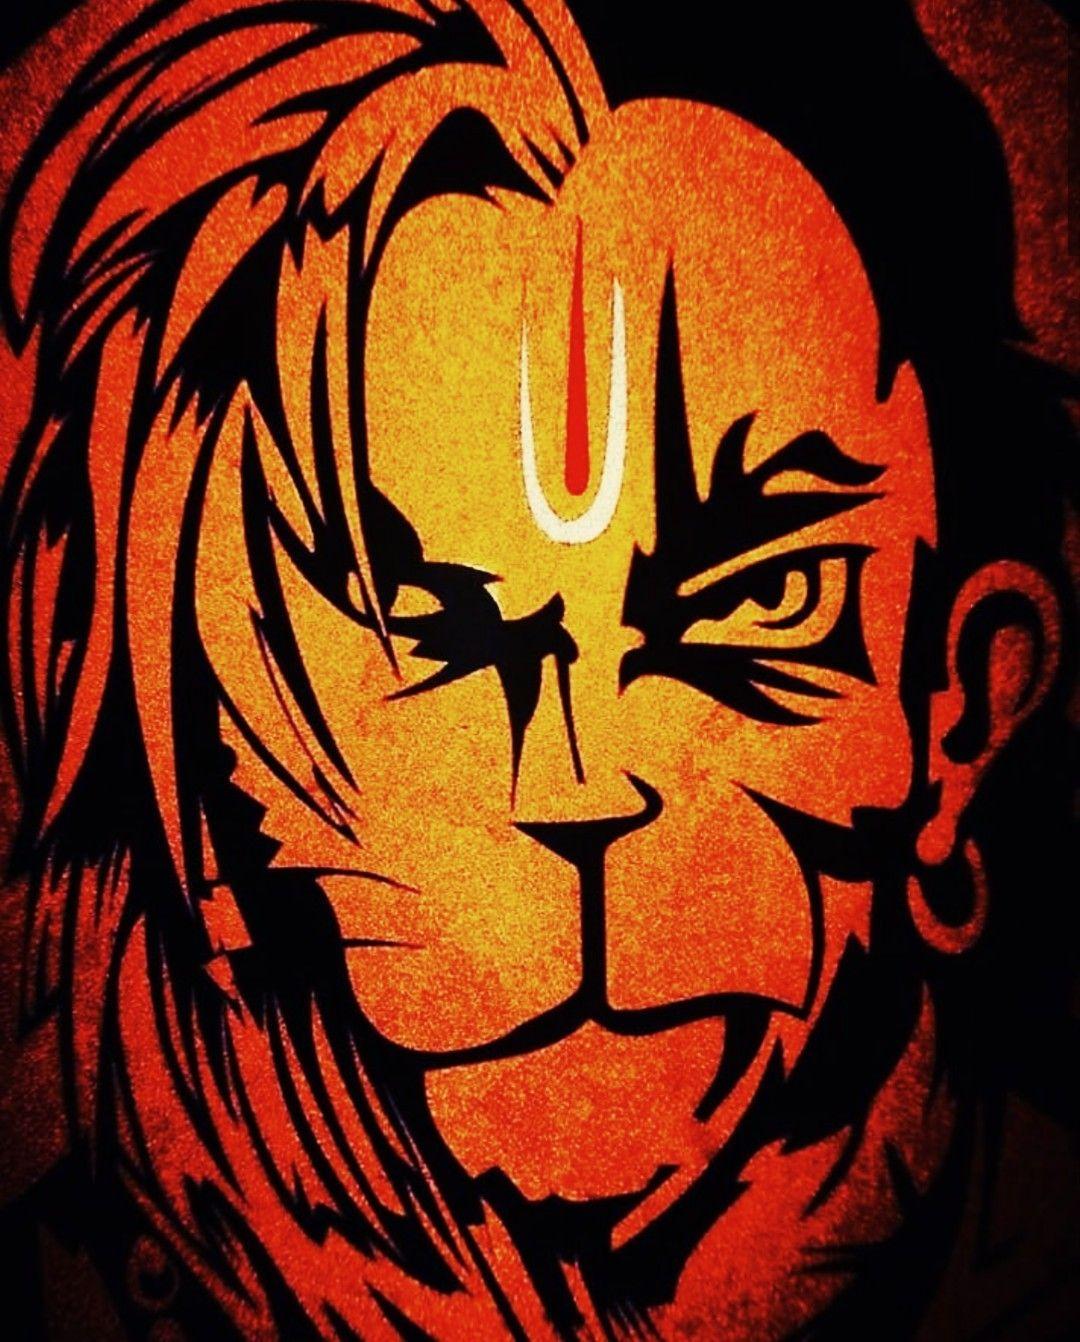 Pin By 0 On Monkey God Hanuman Wallpaper Hanuman Hd Wallpaper Lord Shiva Hd Wallpaper